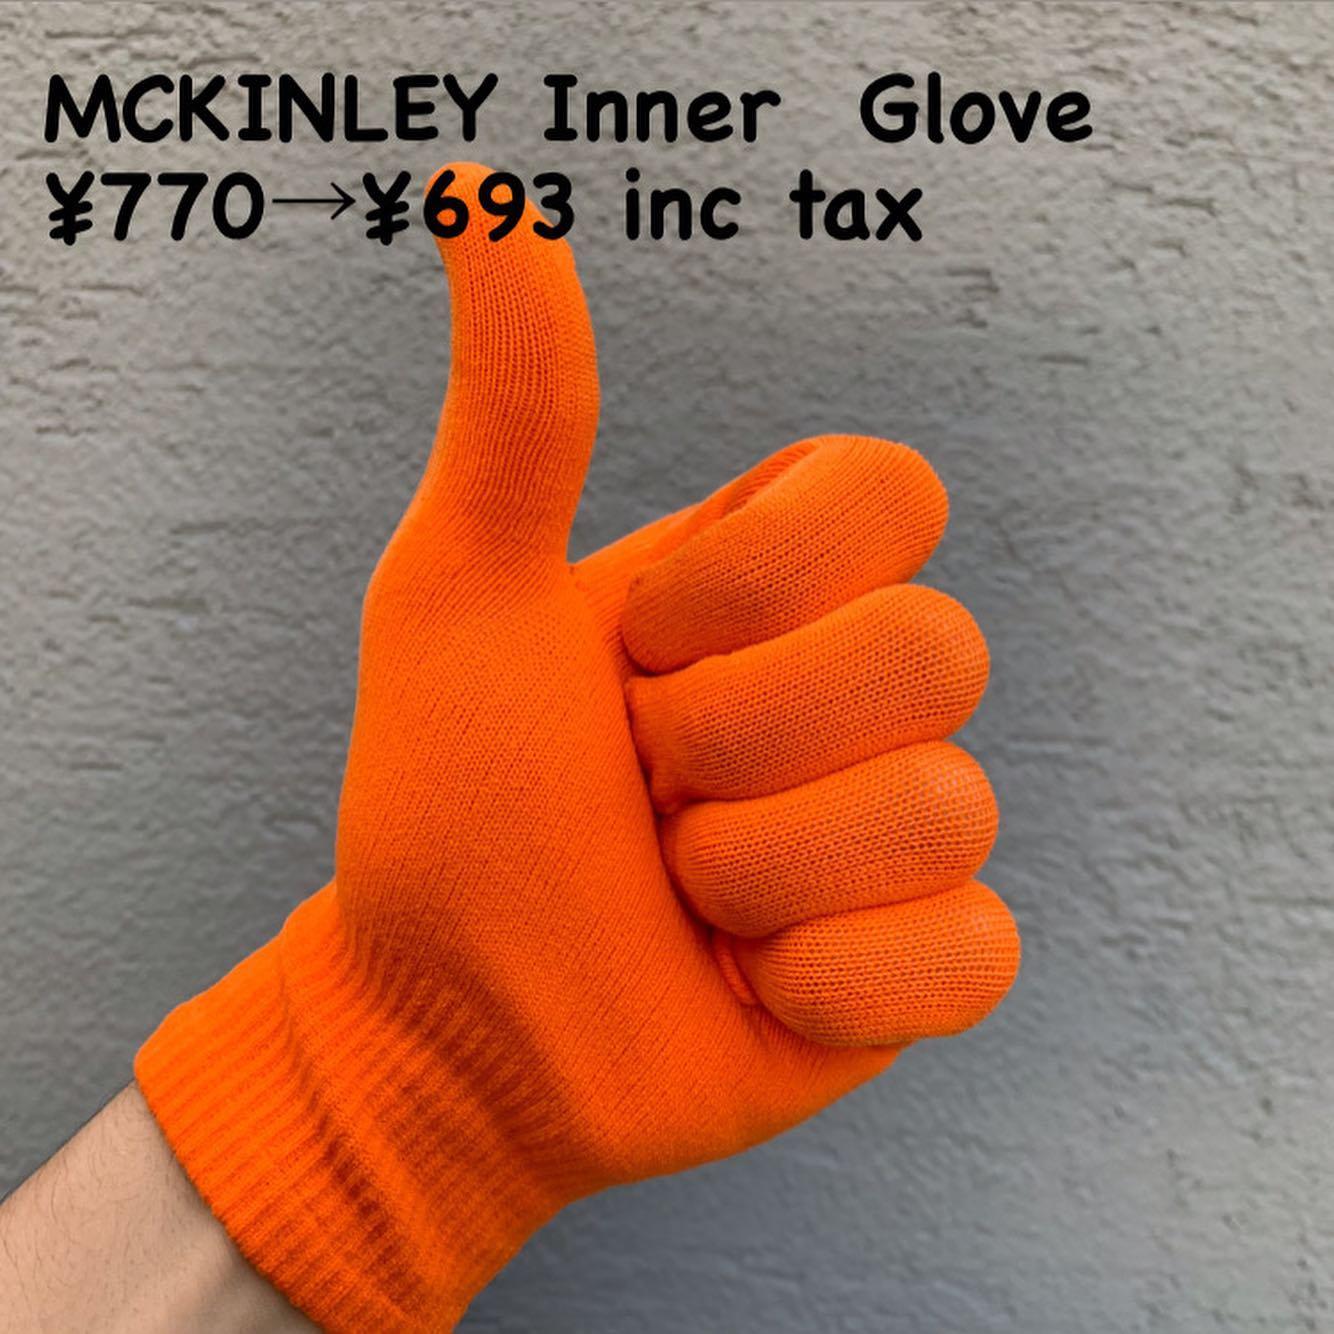 この価格で、この品質、伸びも良く、手にぴったりフィットするインナーグローブ全4種類のご紹介